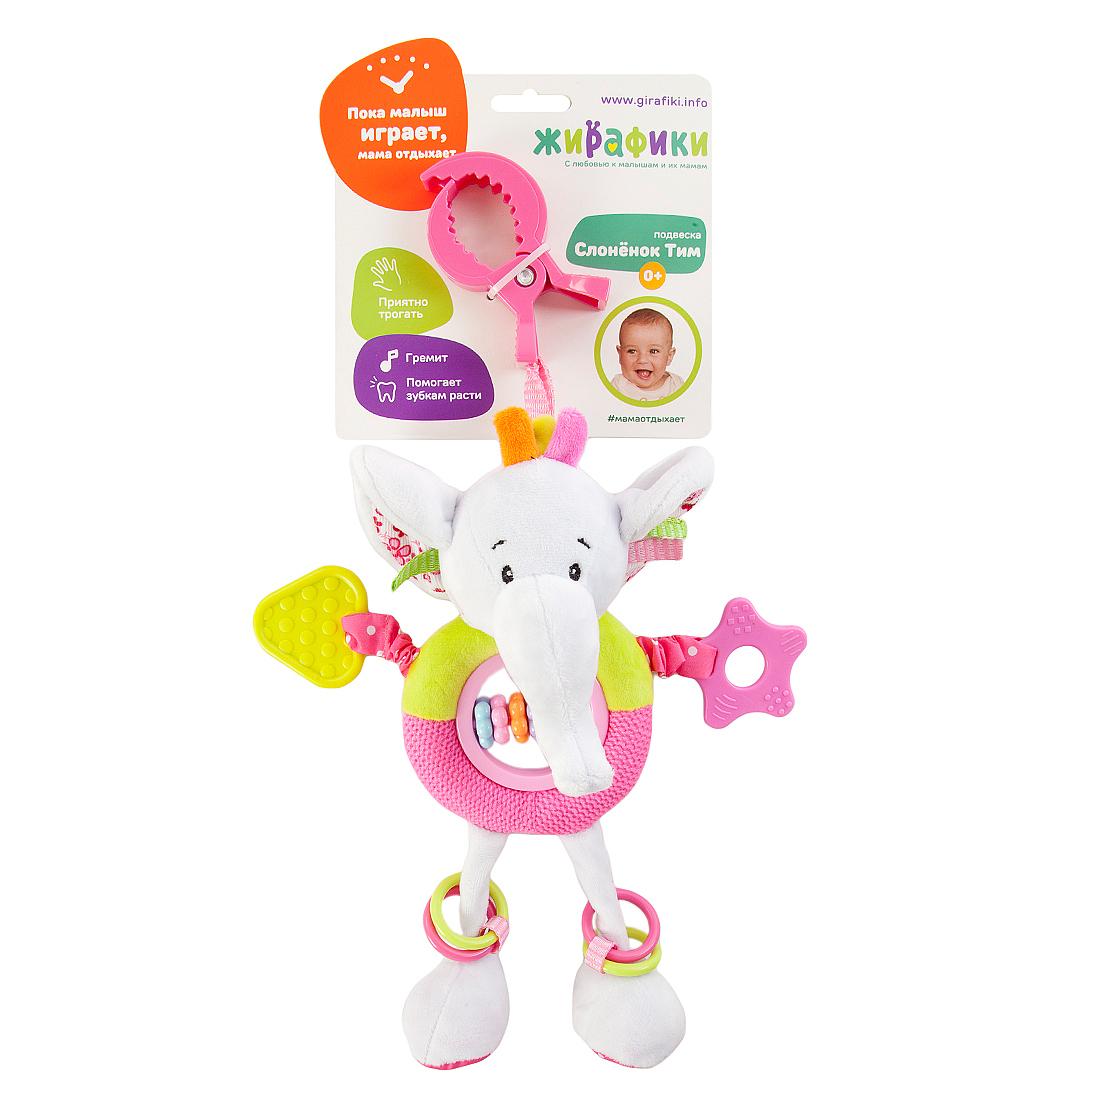 Подвески для малышей Наша игрушка Слоненок Тим пищалка с погремушками жирафики слонёнок тим с 1 месяца пищалка разноцветный 93568